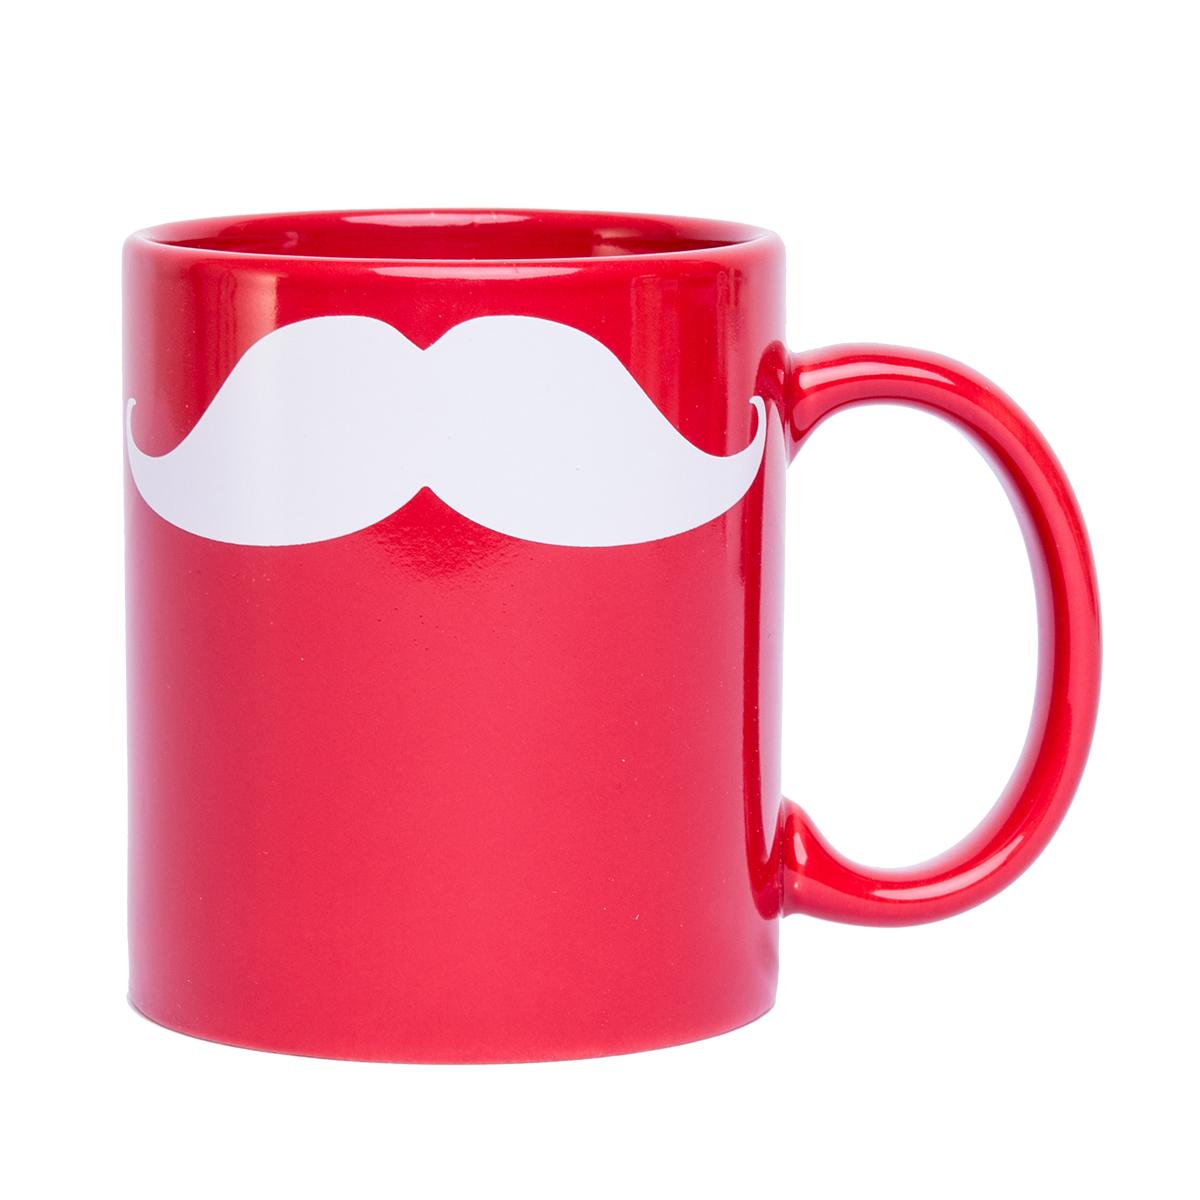 Mugg, röd med vit mustasch